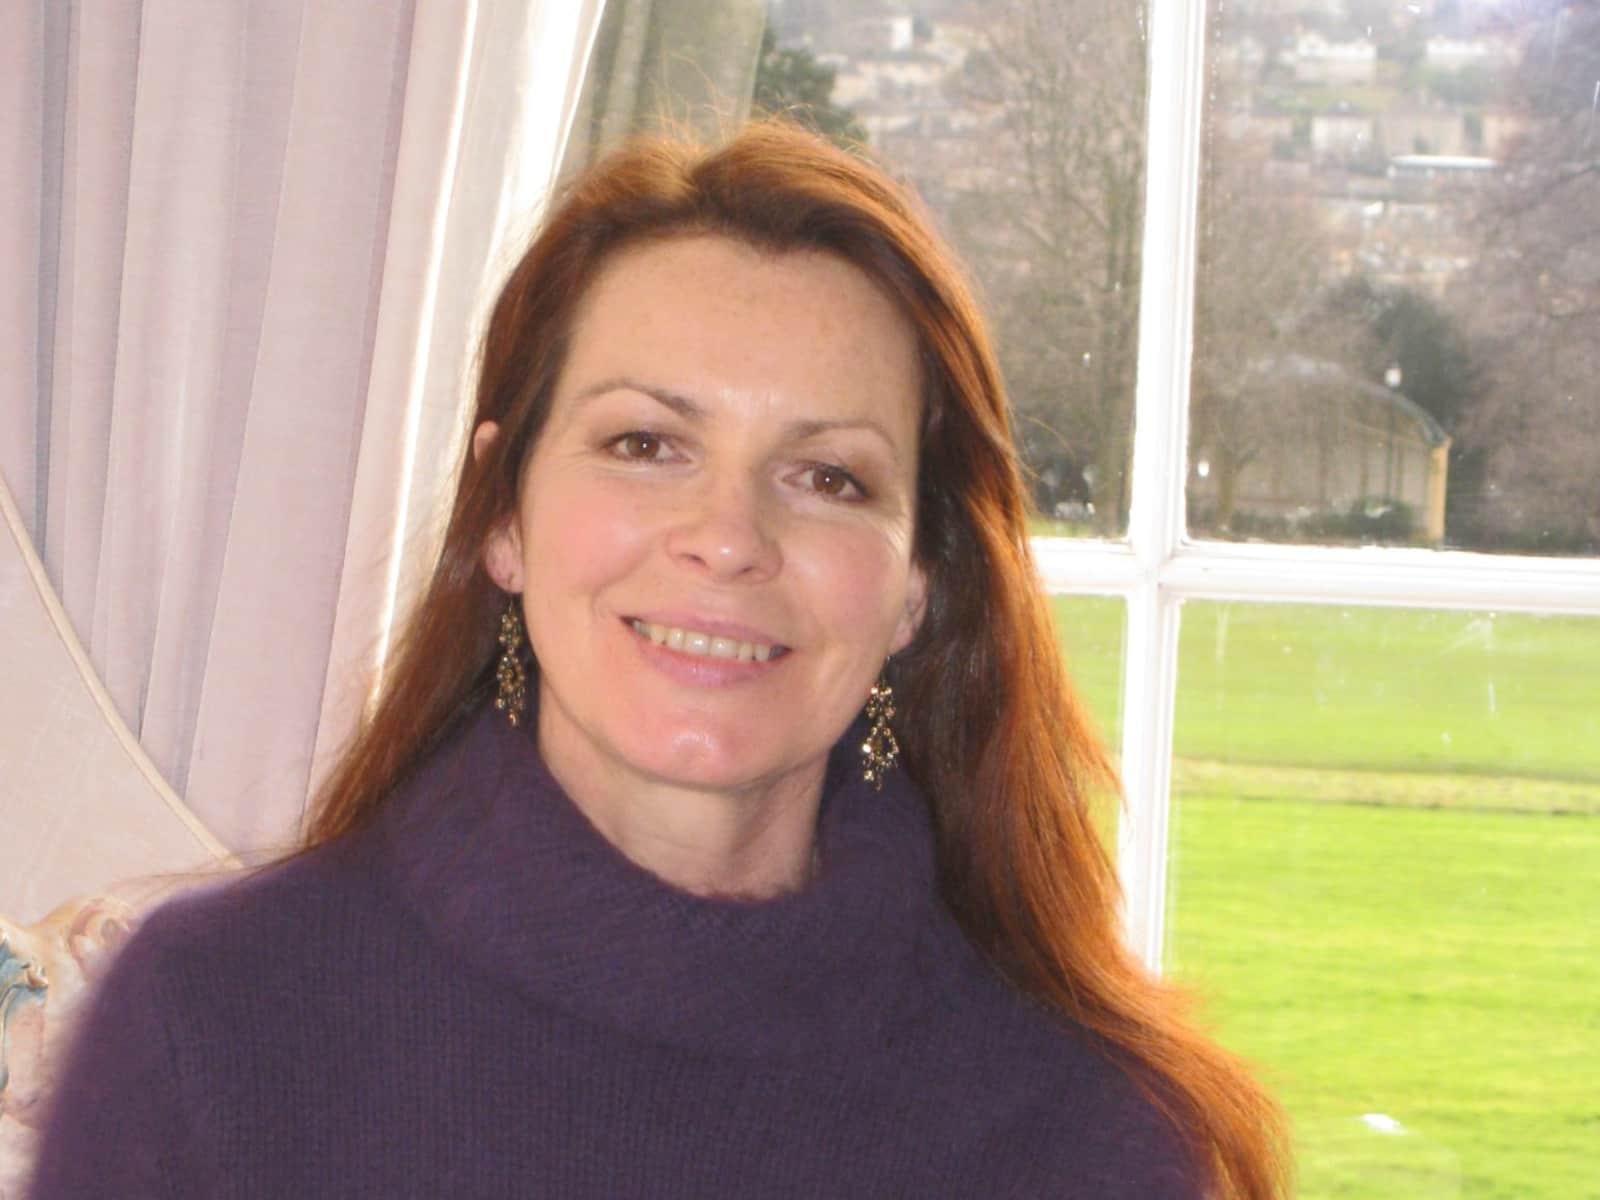 Barbara from Bath, United Kingdom